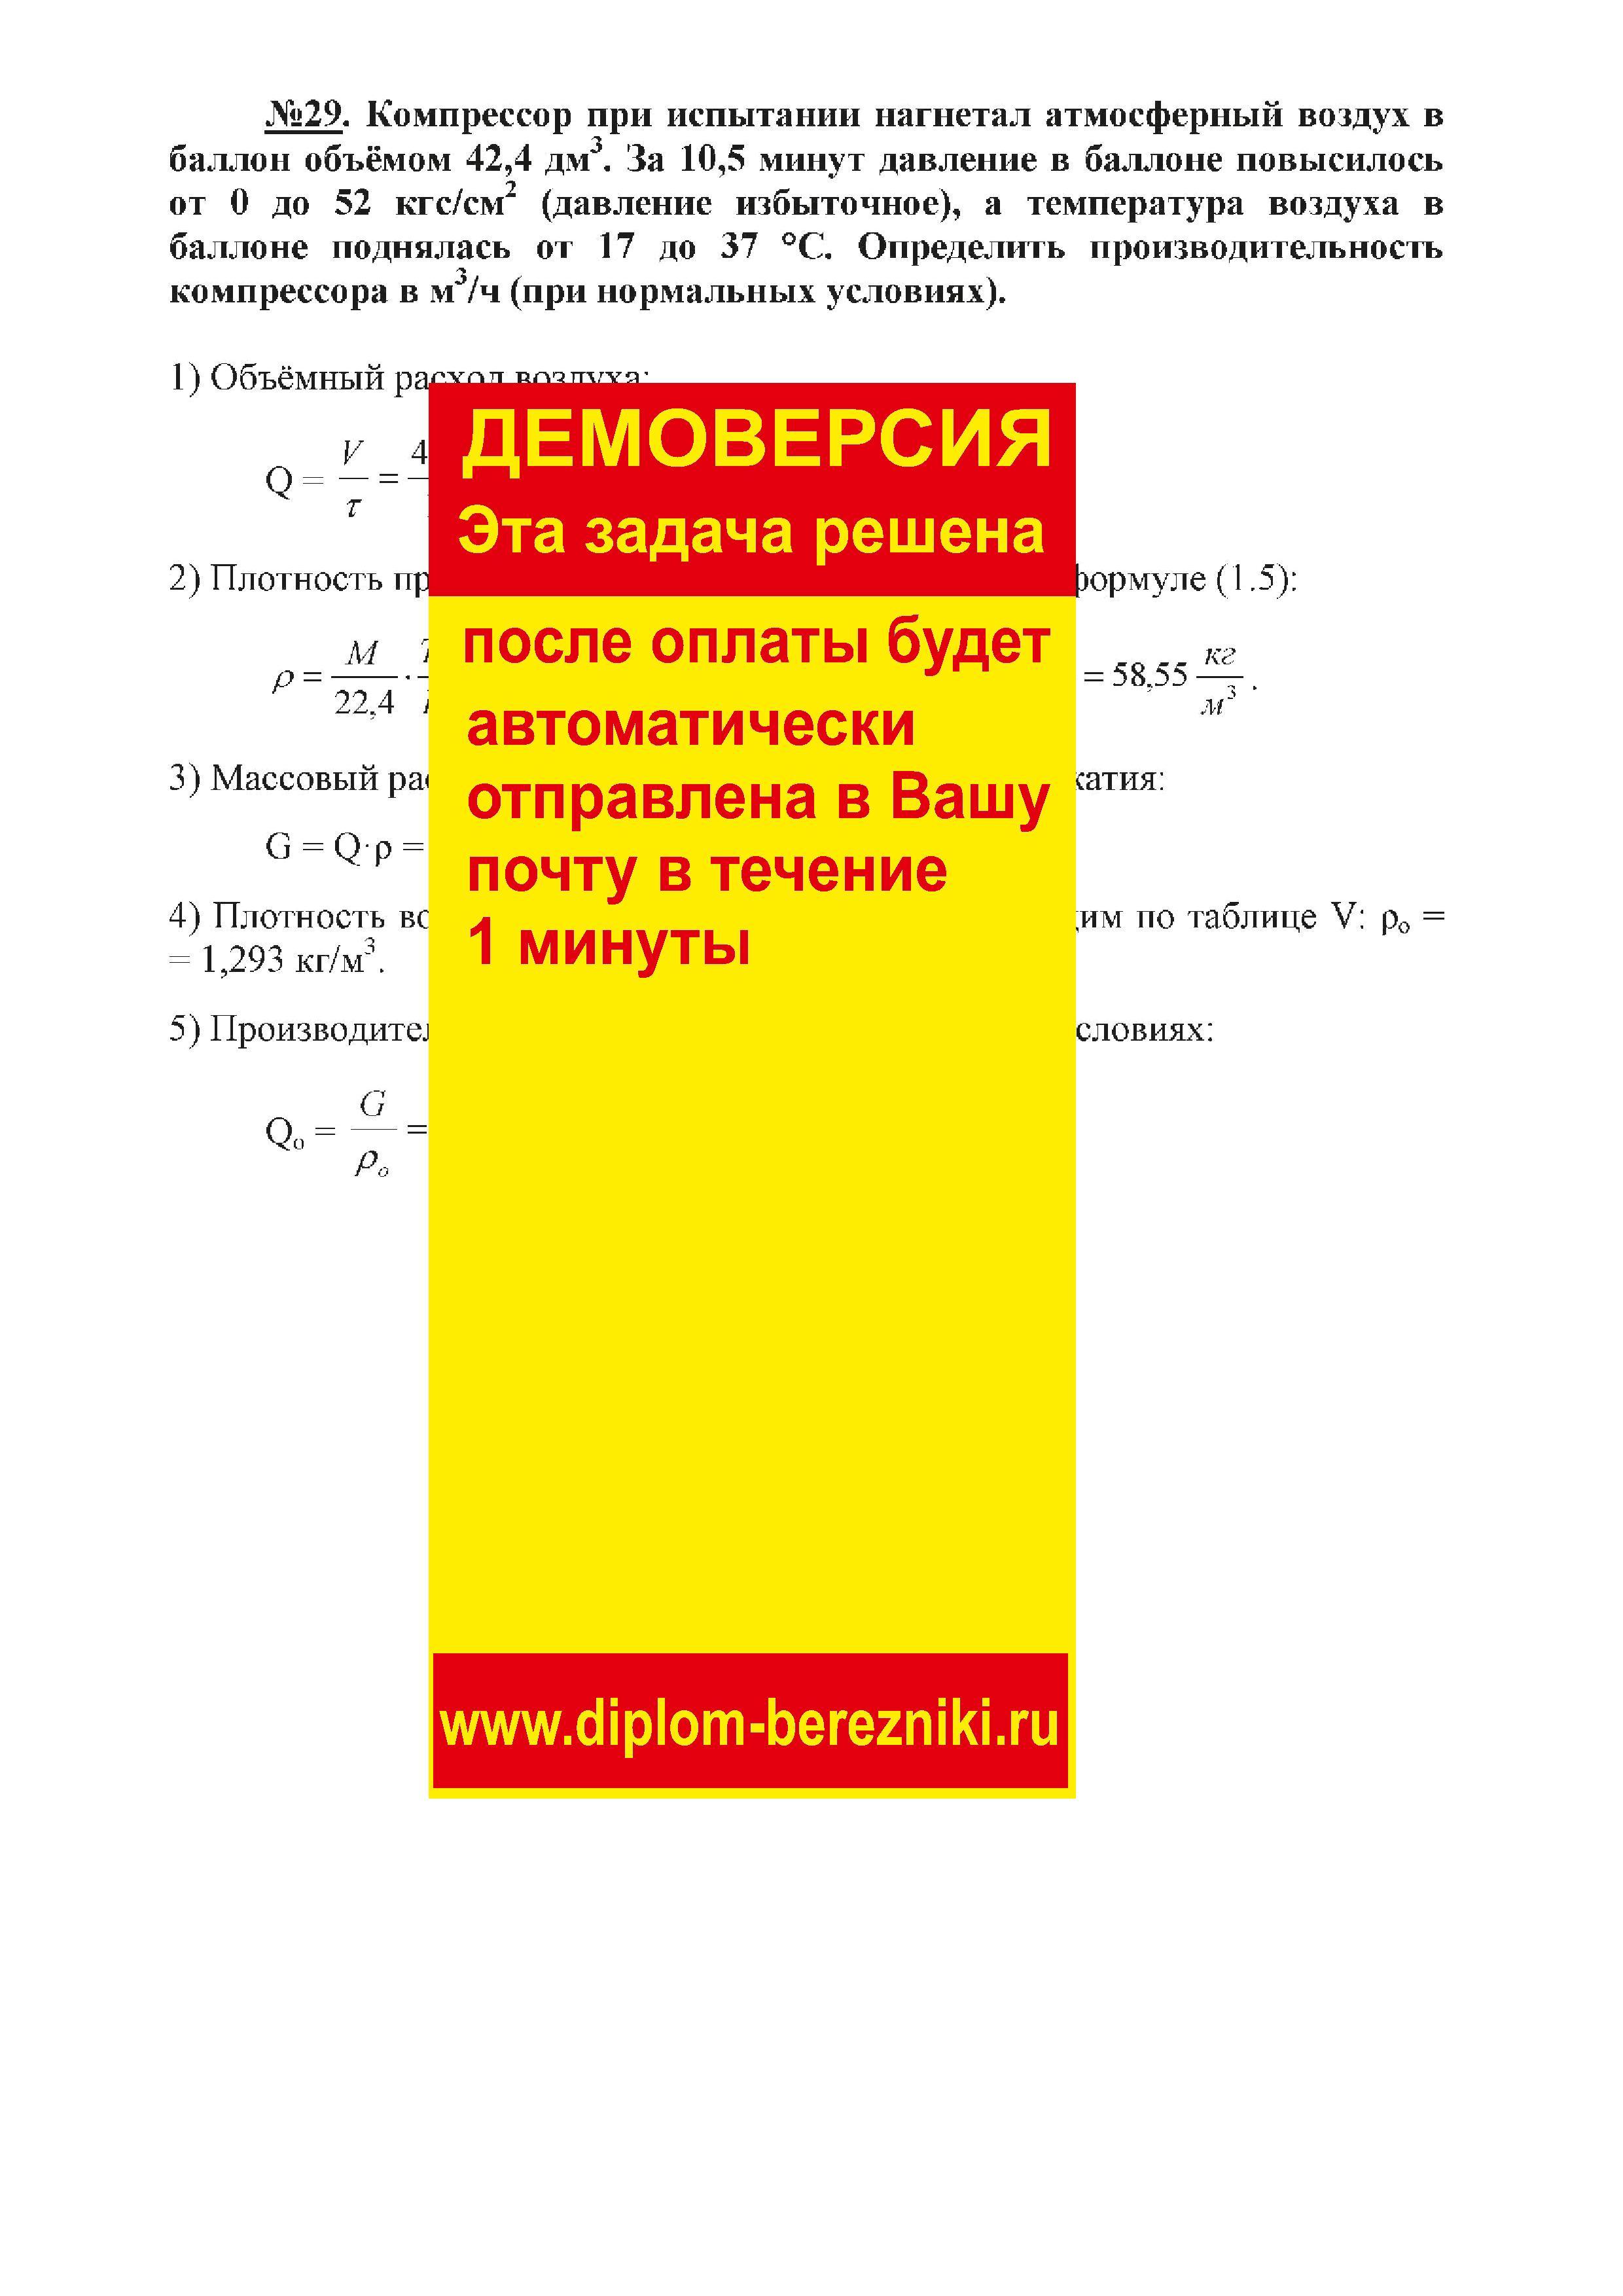 Решение задачи 2.29 по ПАХТ из задачника Павлова Романкова Носкова